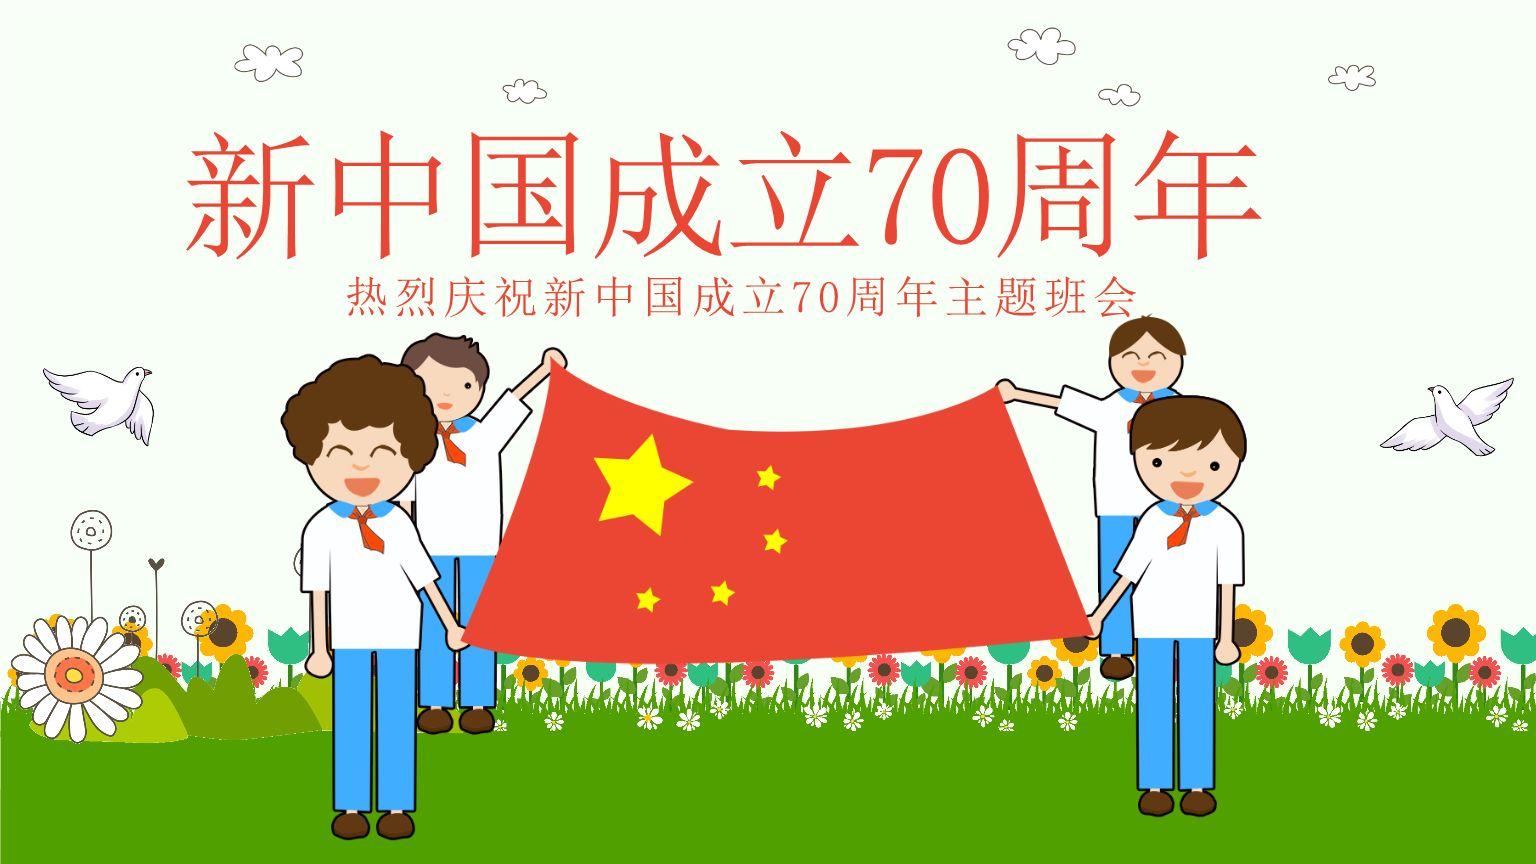 新中国成立七十3篇